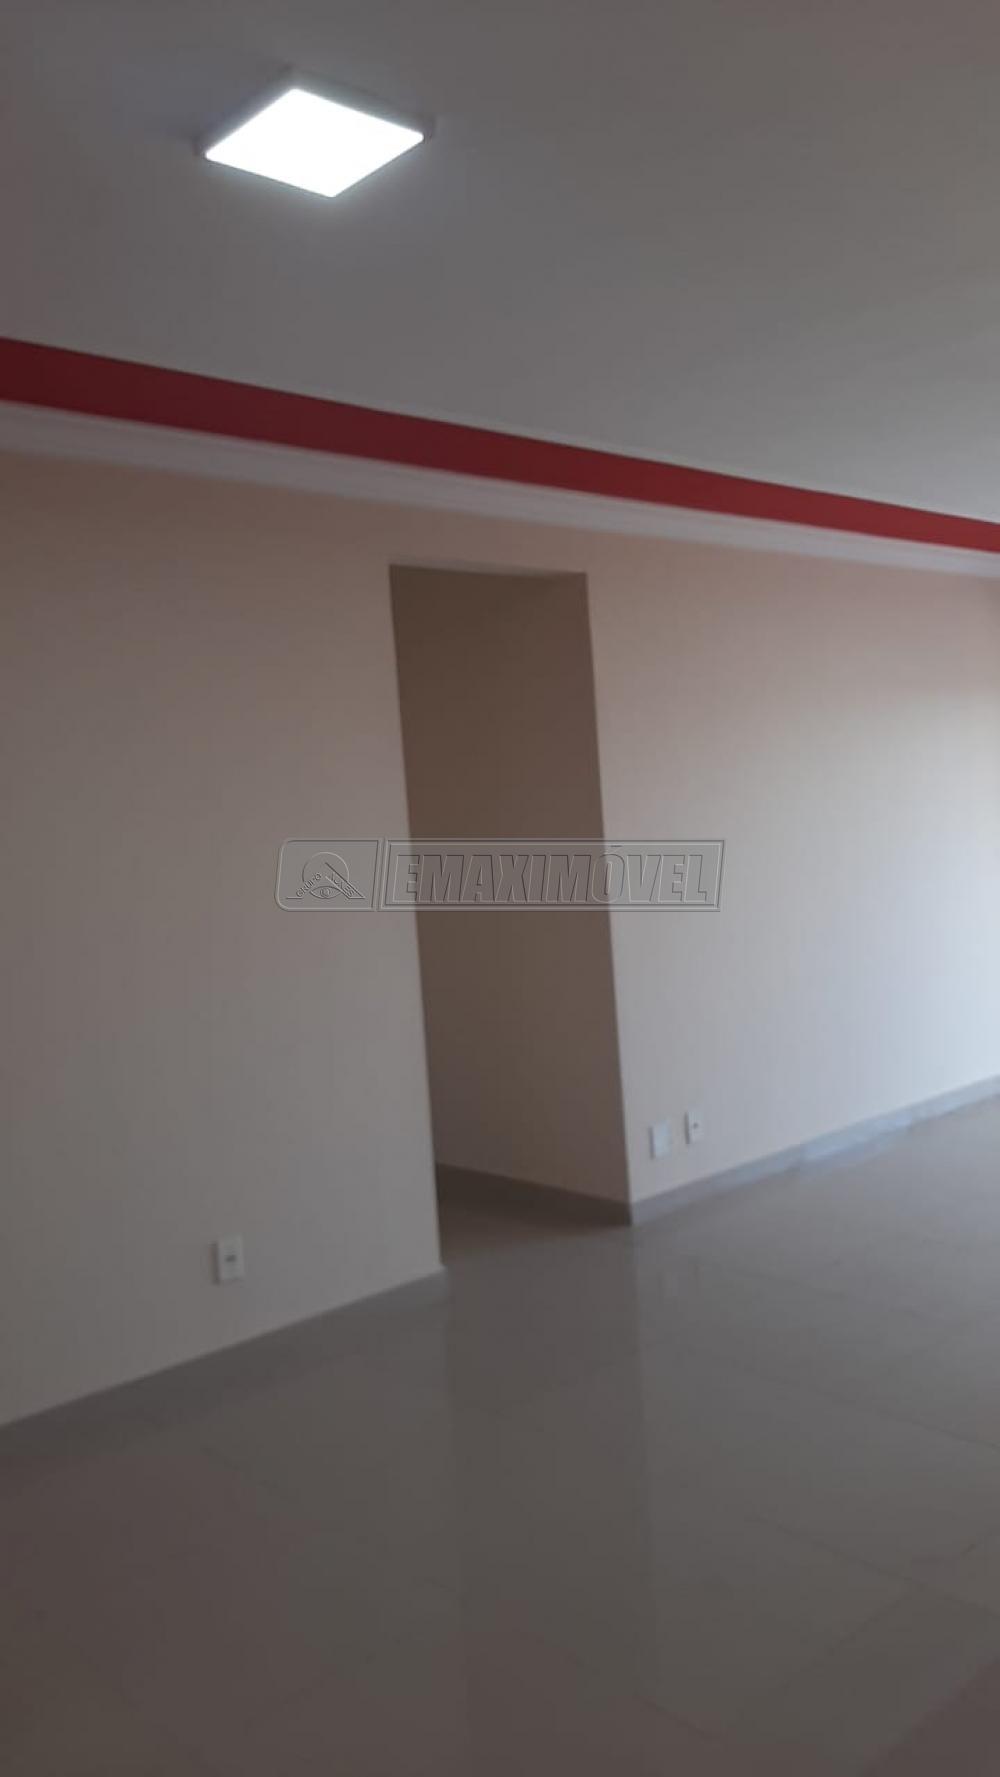 Comprar Apartamentos / Apto Padrão em Sorocaba apenas R$ 335.000,00 - Foto 10